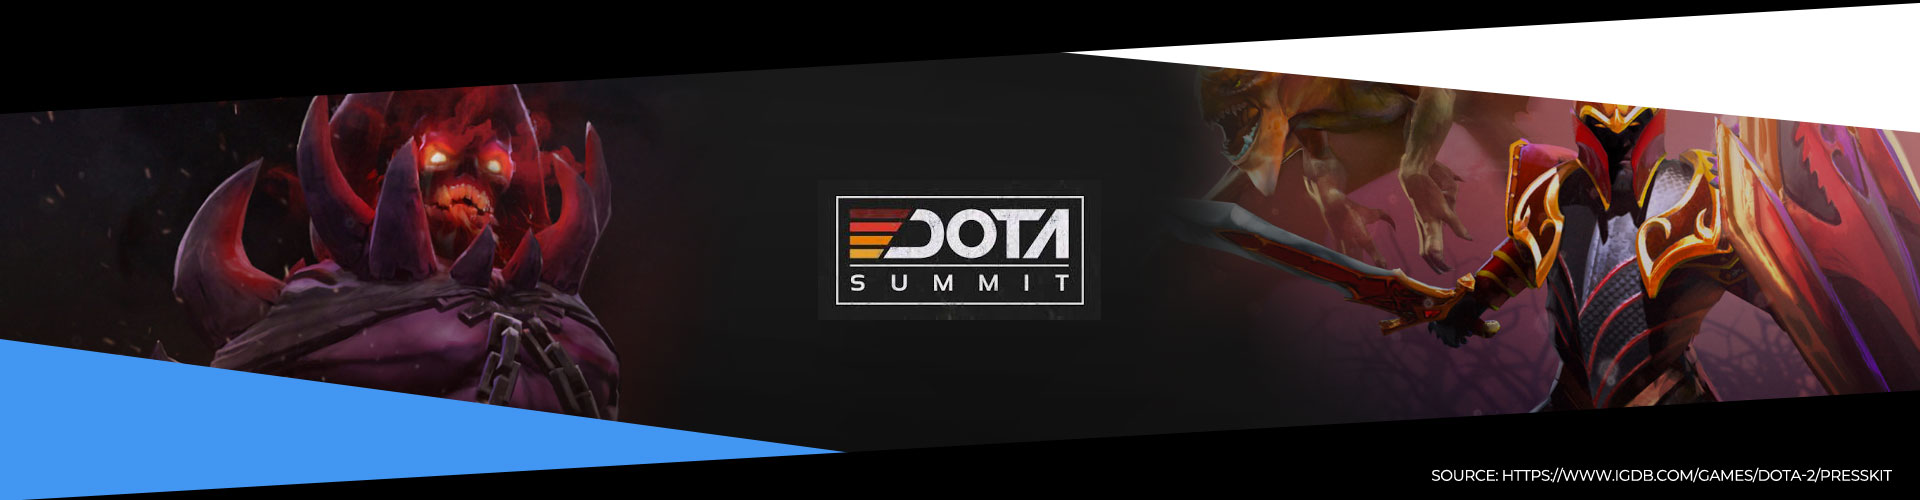 Dota Summit 11 är över och Invictus Gaming står som segrare!